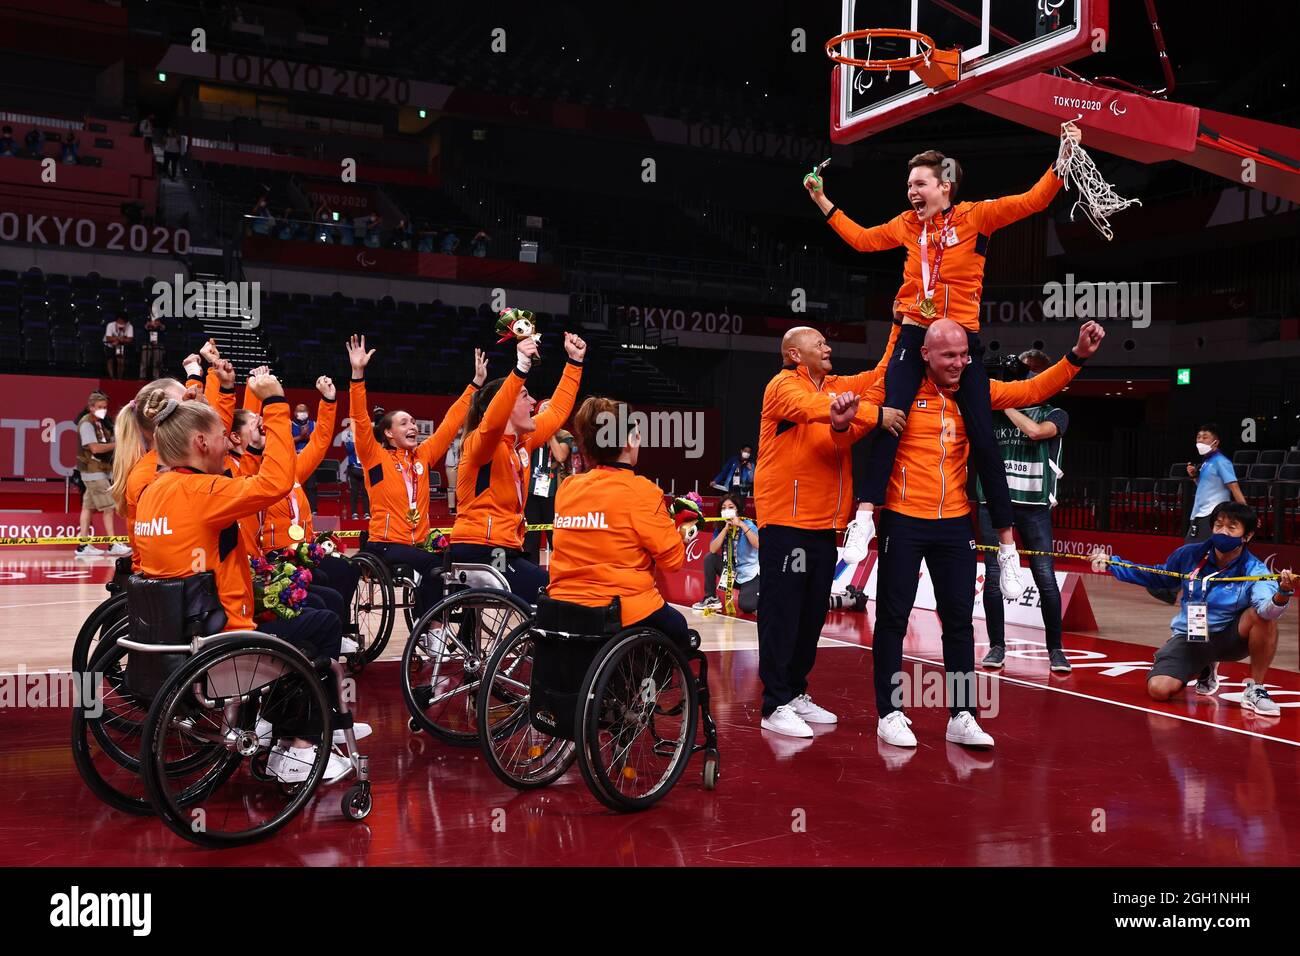 Paralympische Spiele 2020 In Tokio - Basketball Mit Rollstuhl - Frauen - Medaillenverleihung - Ariake Arena, Tokio, Japan - 4. September 2021. Bo Kramer aus den Niederlanden schneidet das Netz, als sie mit Teamkollegen den Goldgewinn feiert. REUTERS/Thomas Peter Stockfoto